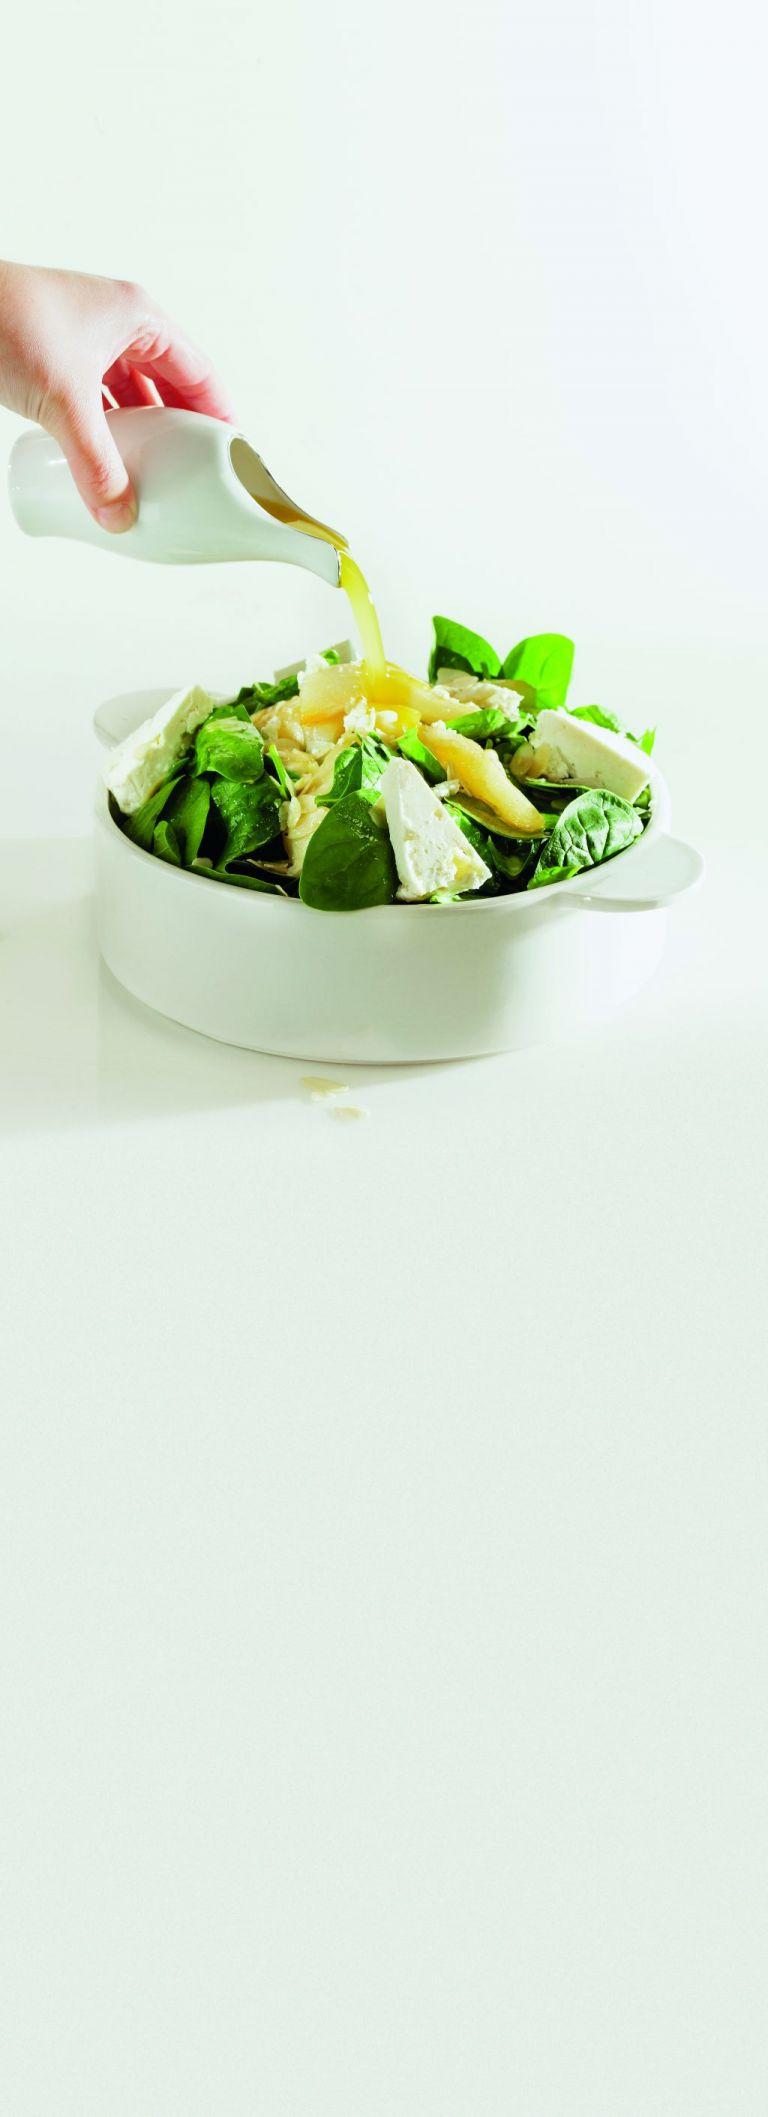 Σαλάτα με σπανάκι και καλαθάκι Λήμνου | tovima.gr